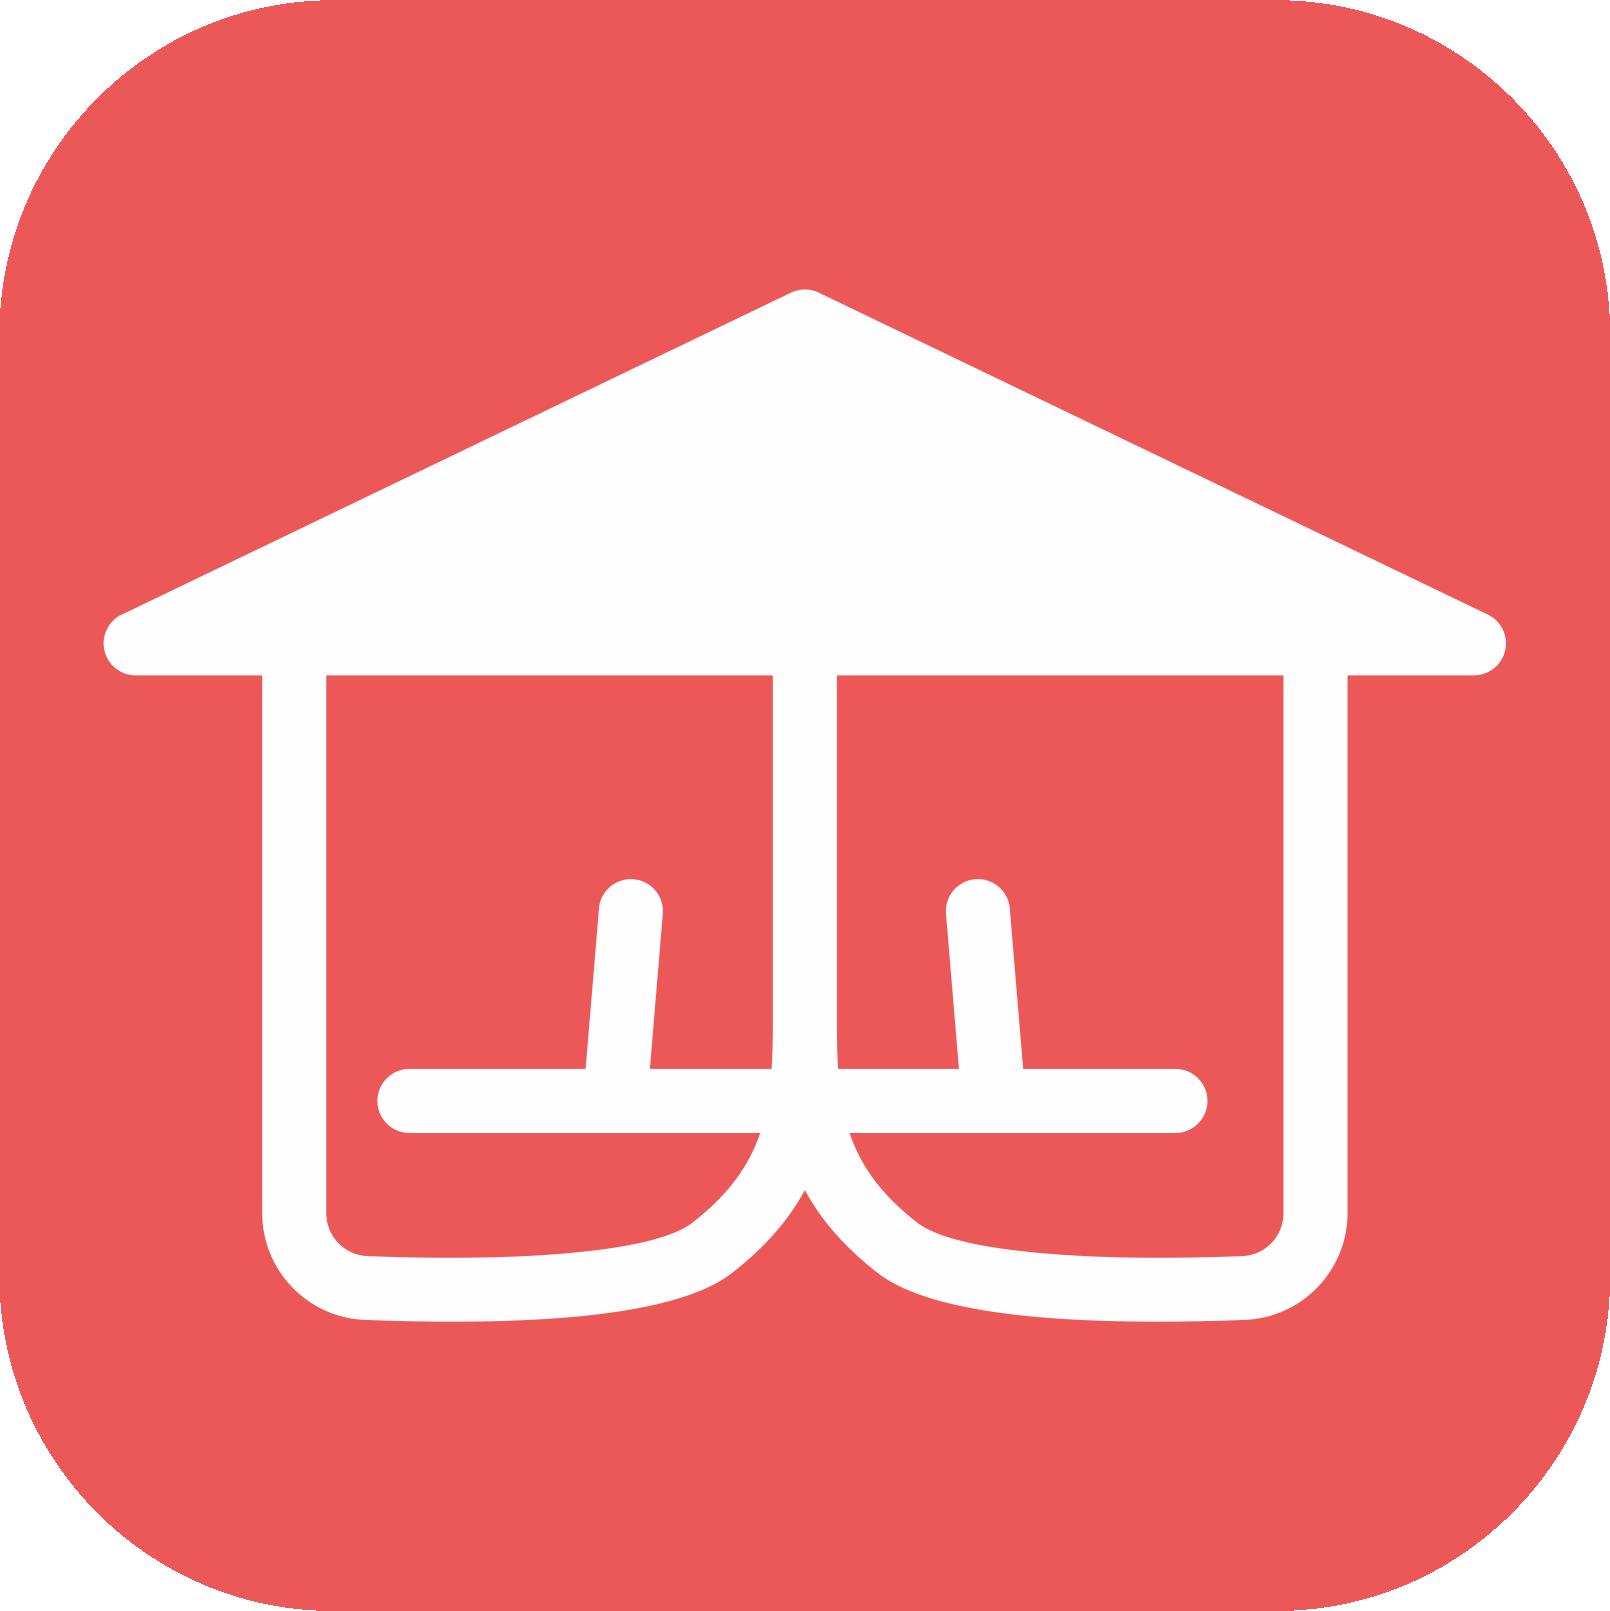 梓君庭私人资讯平台1.2.0官方版